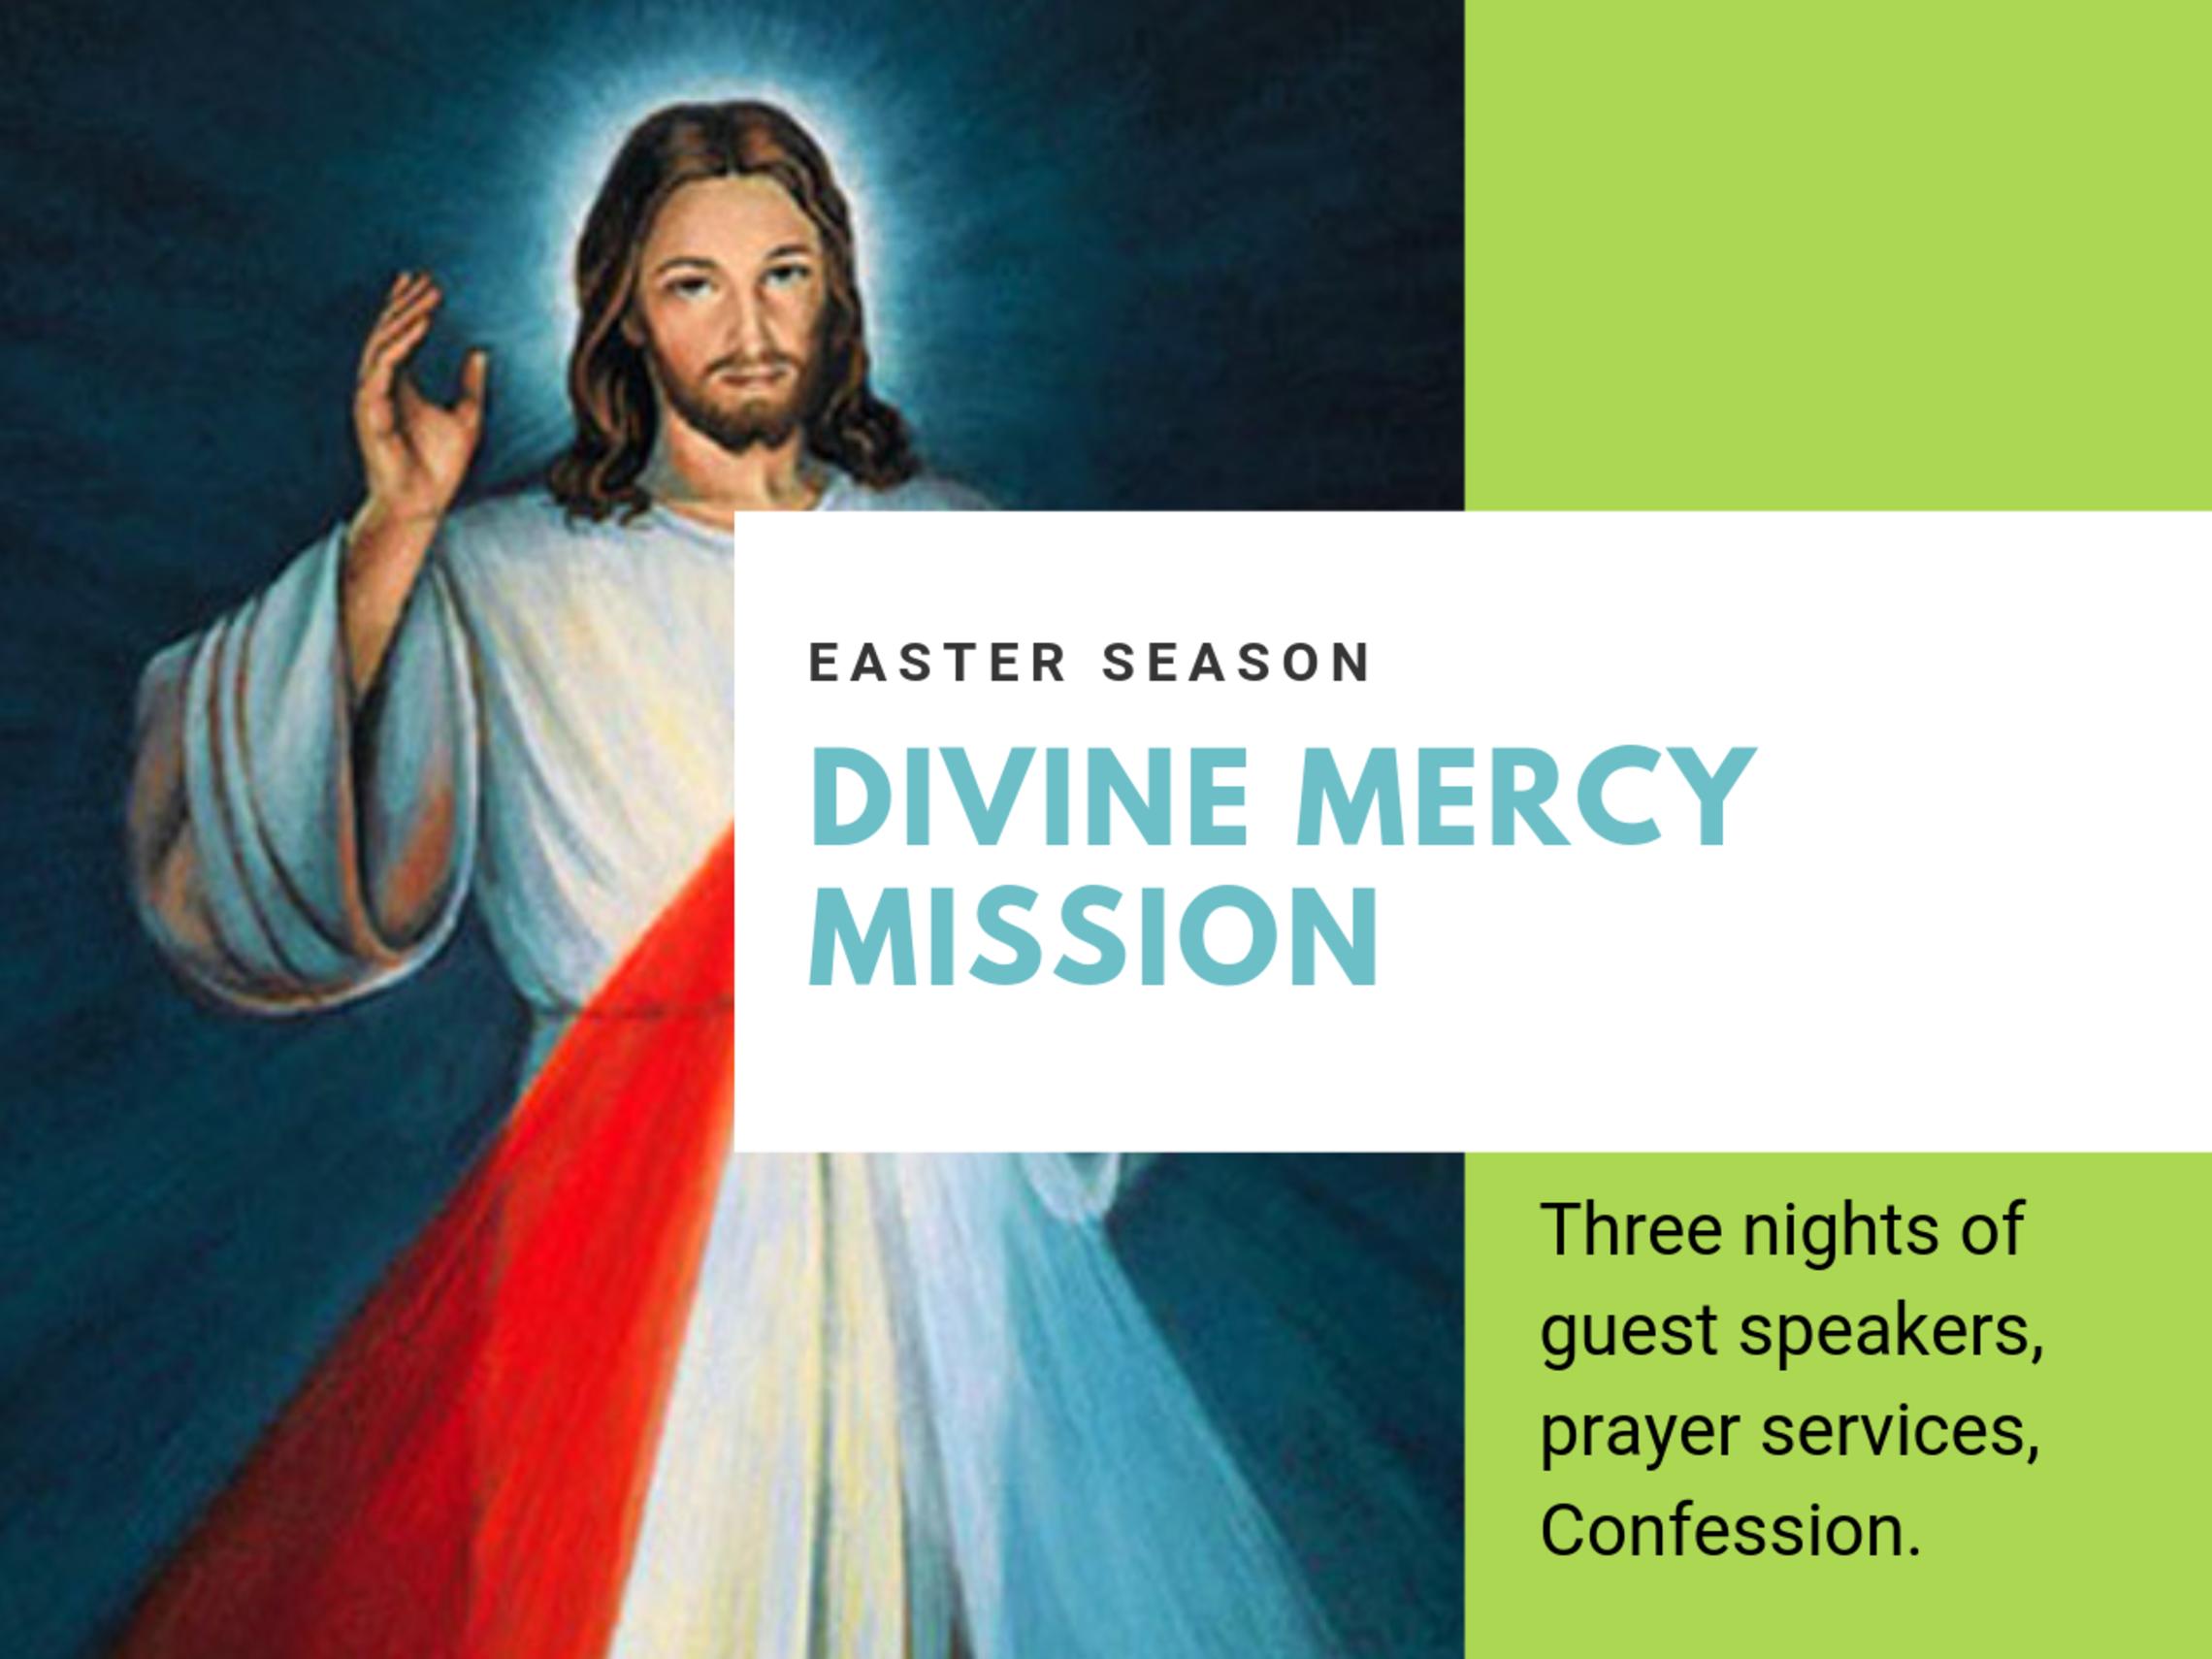 Divine Mercy Mission